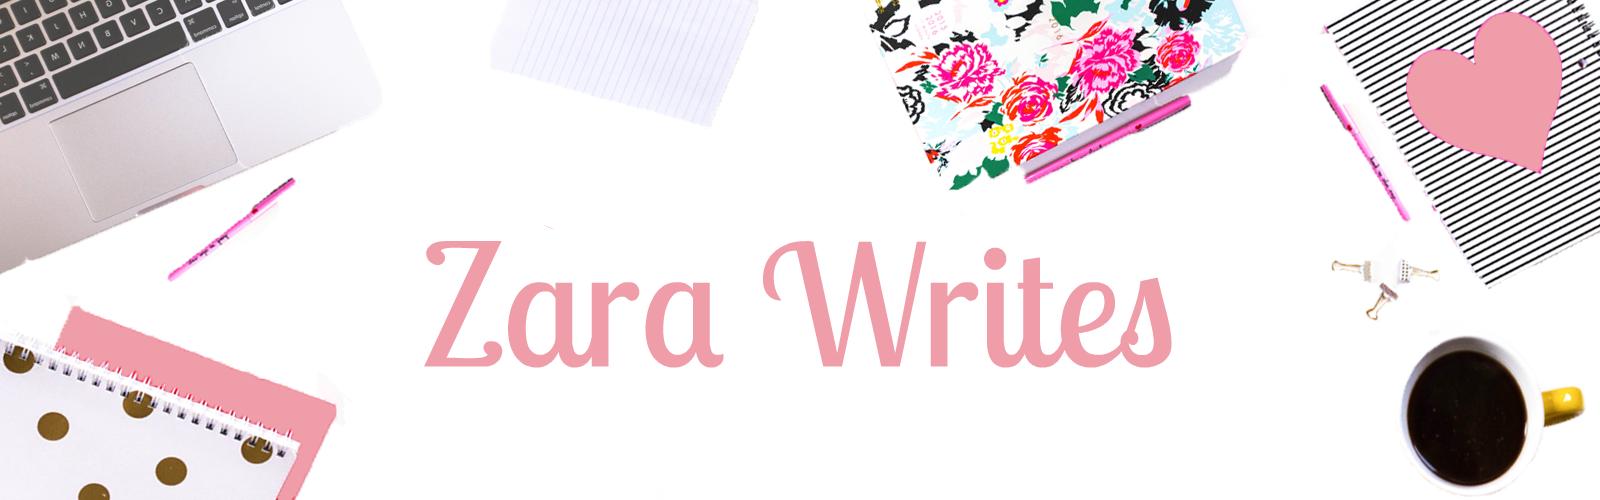 Zara Writes